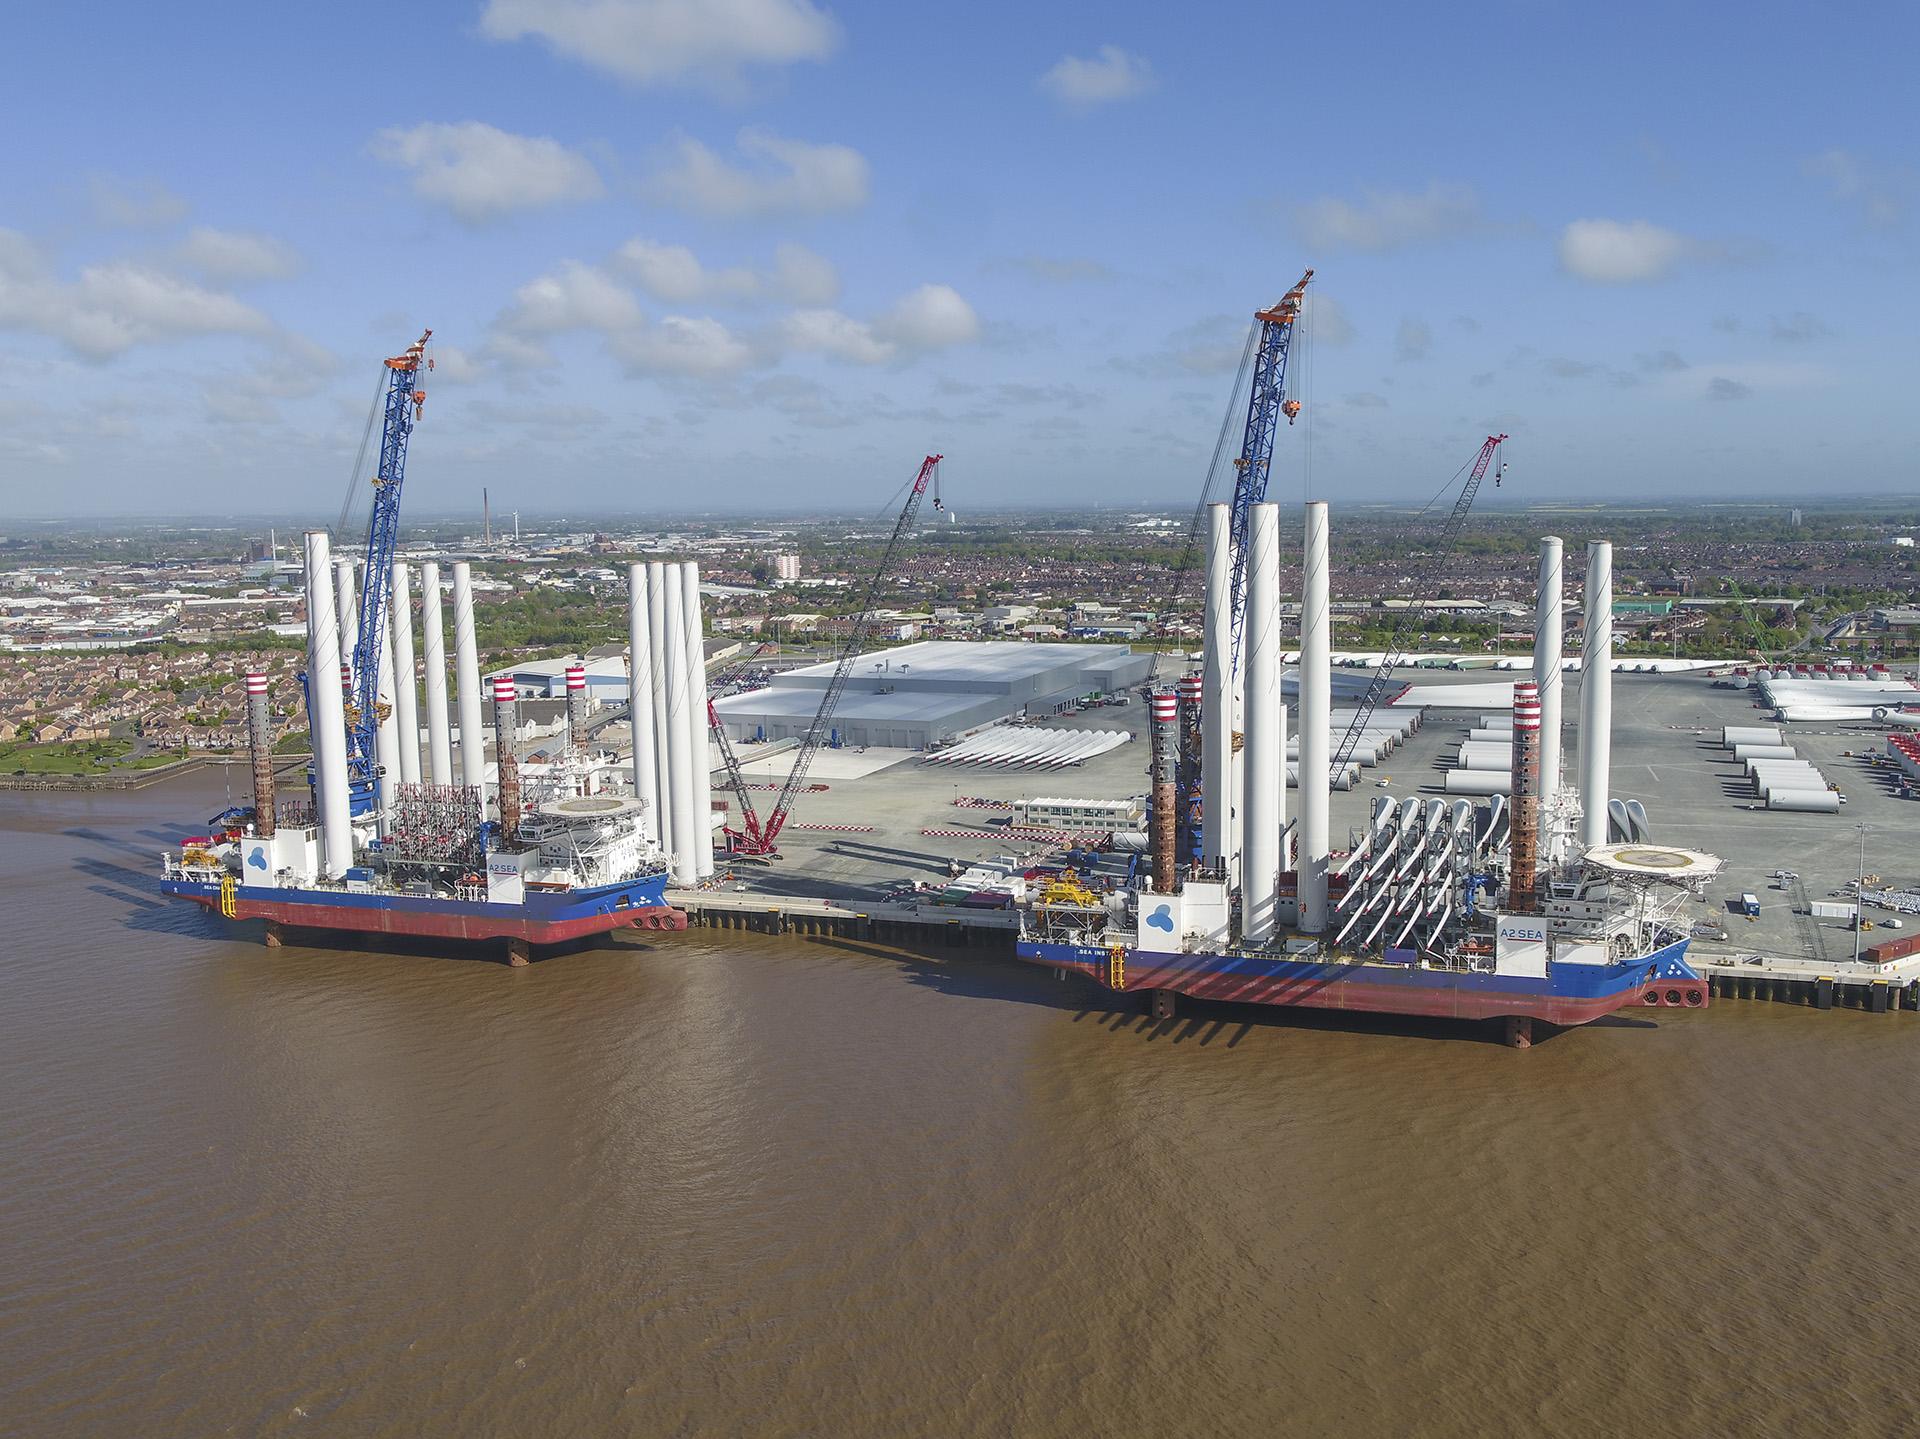 Siemens Gamesa Renewable Energy Blade Factory in Hull